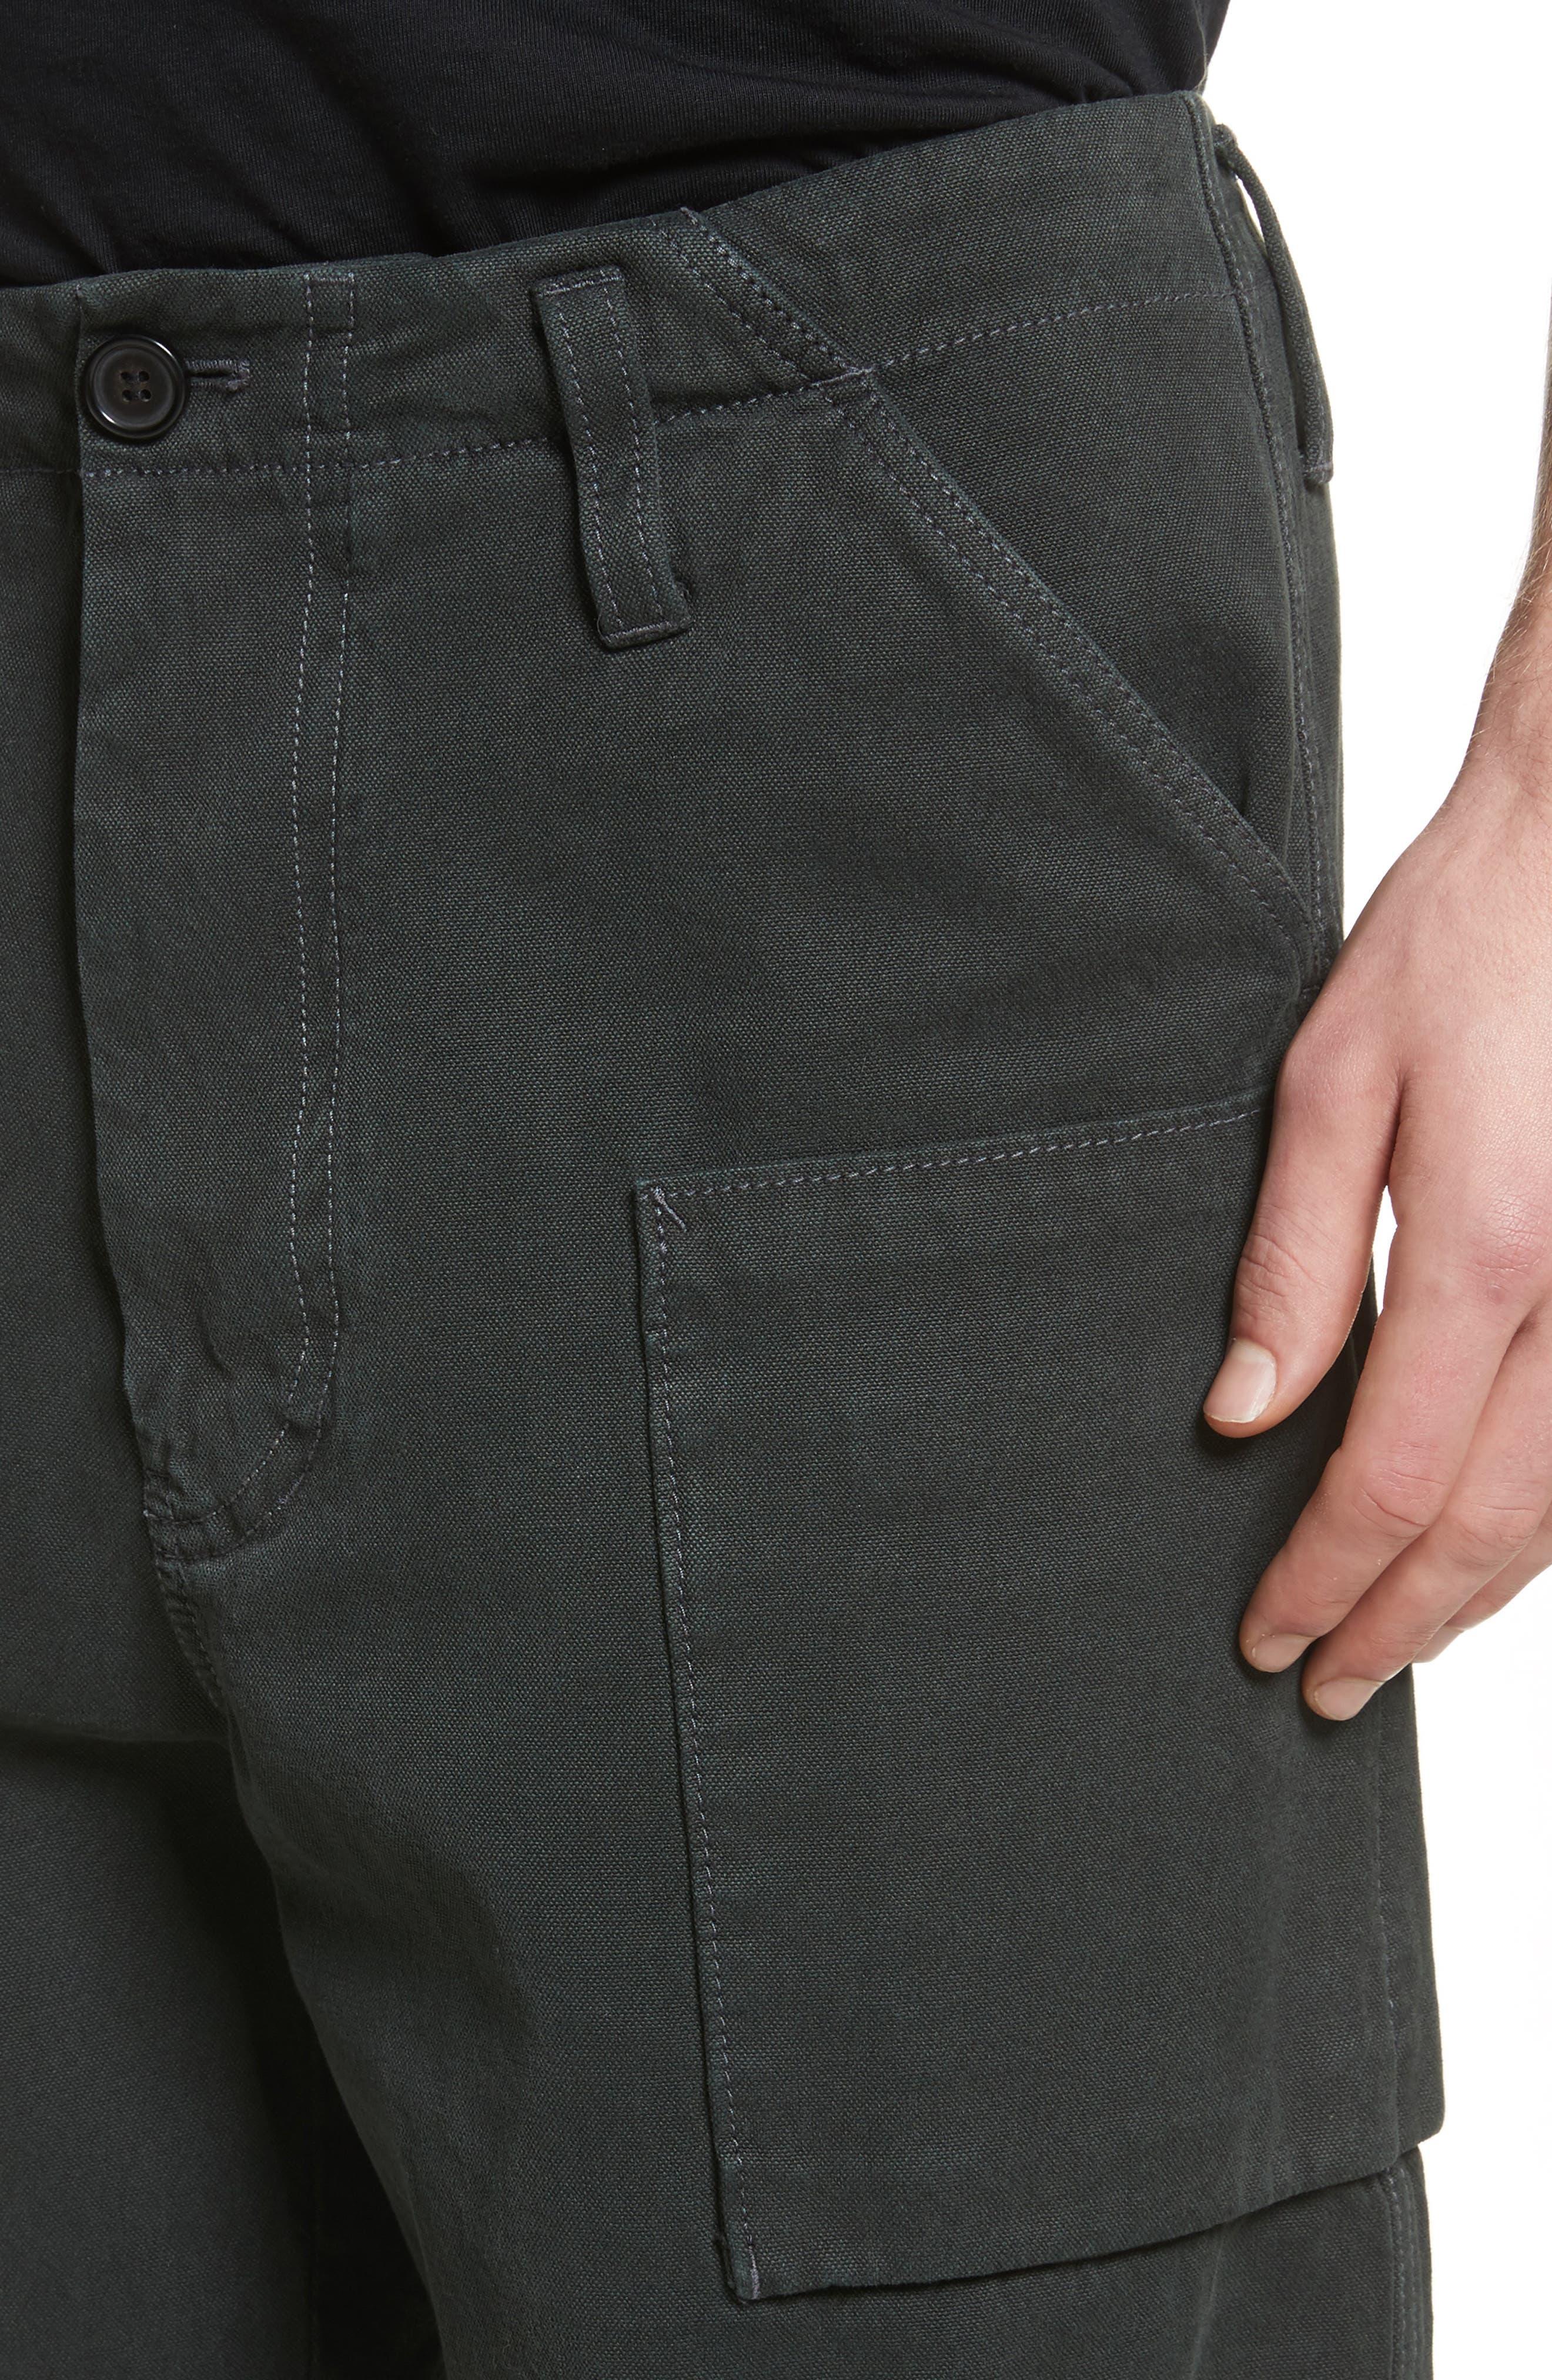 Anselm Wide Leg Patch Cargo Pants,                             Alternate thumbnail 4, color,                             010